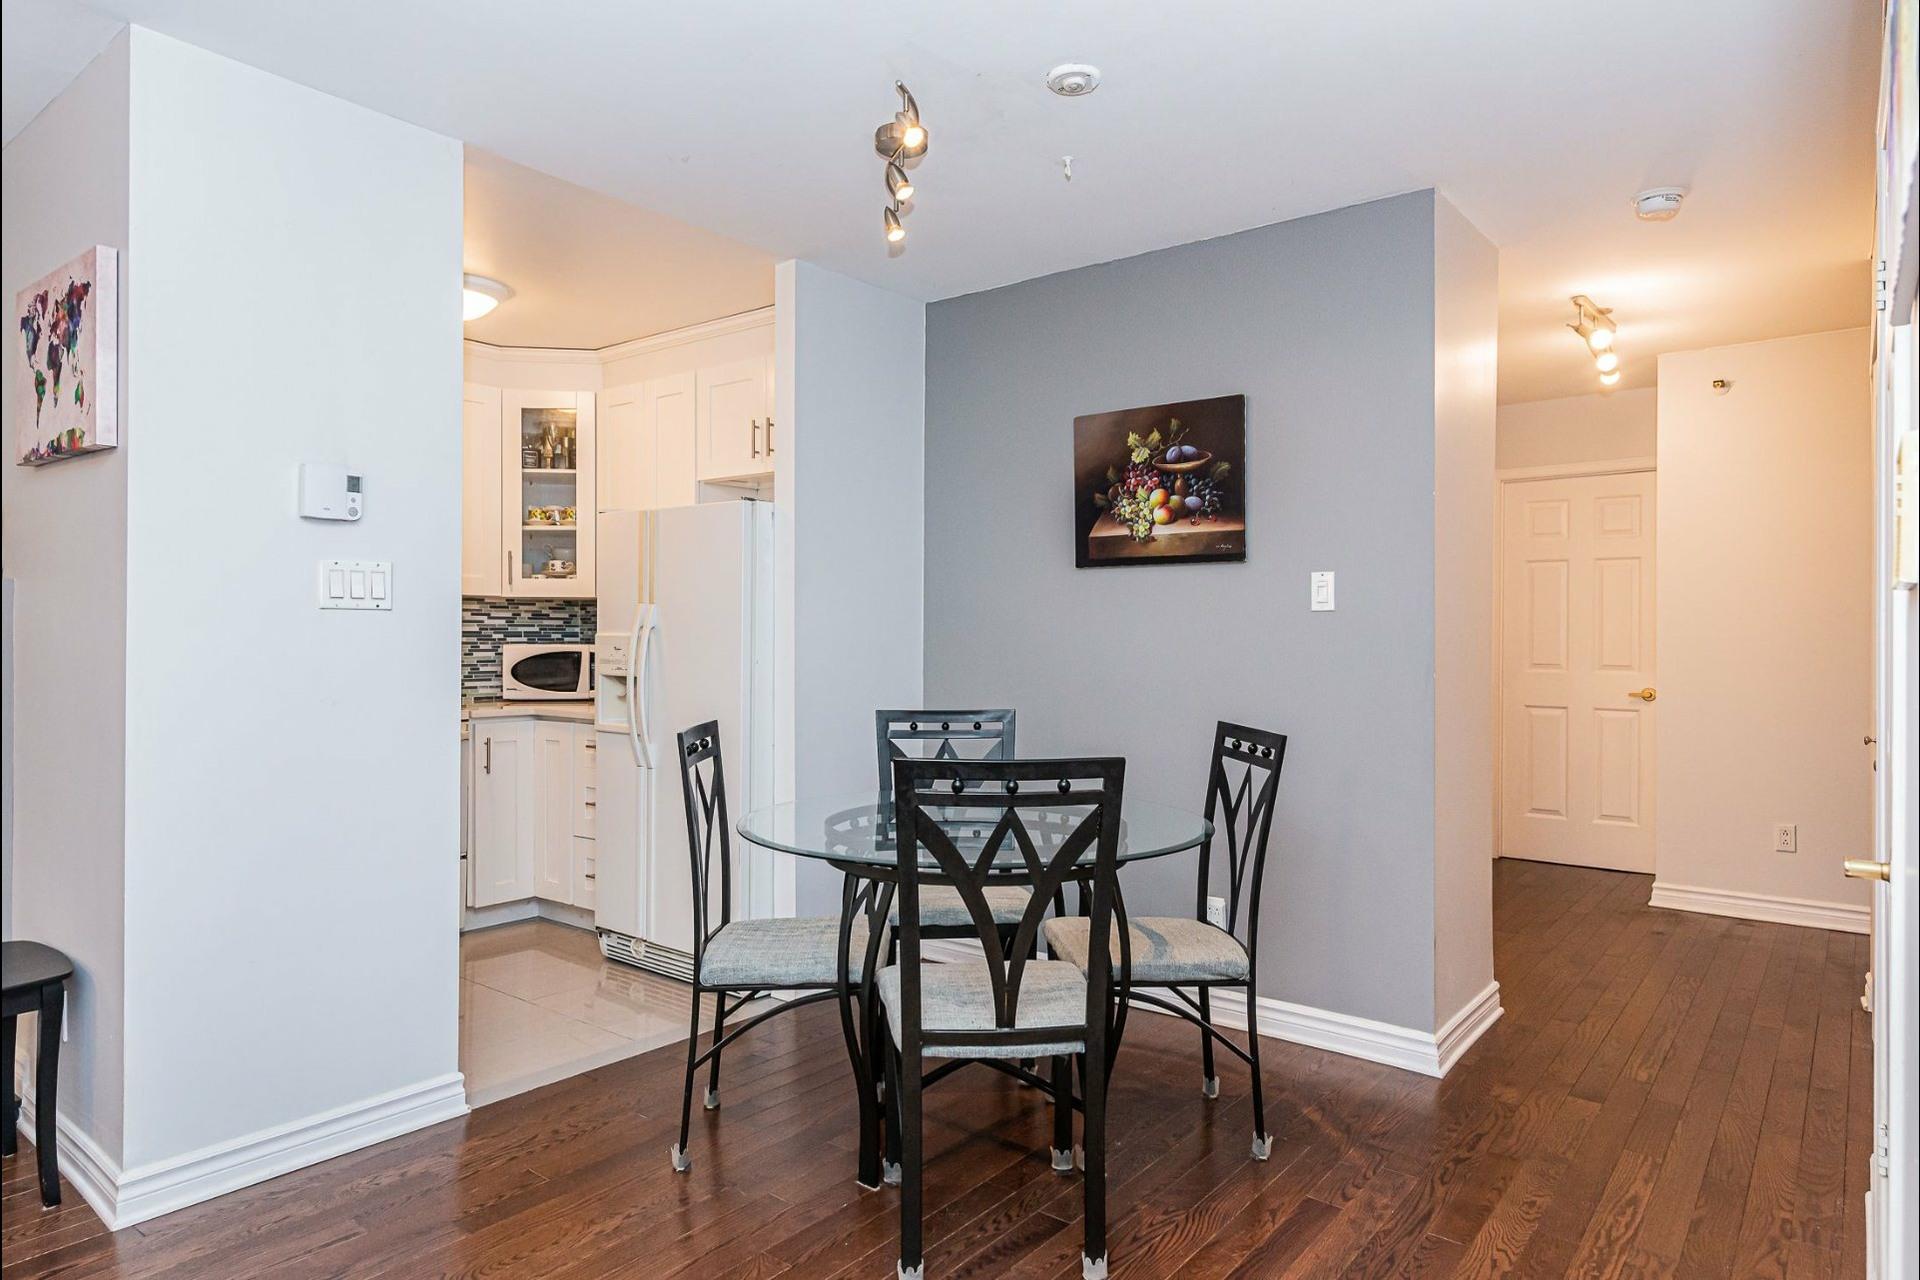 image 6 - Appartement À vendre Ville-Marie Montréal  - 6 pièces